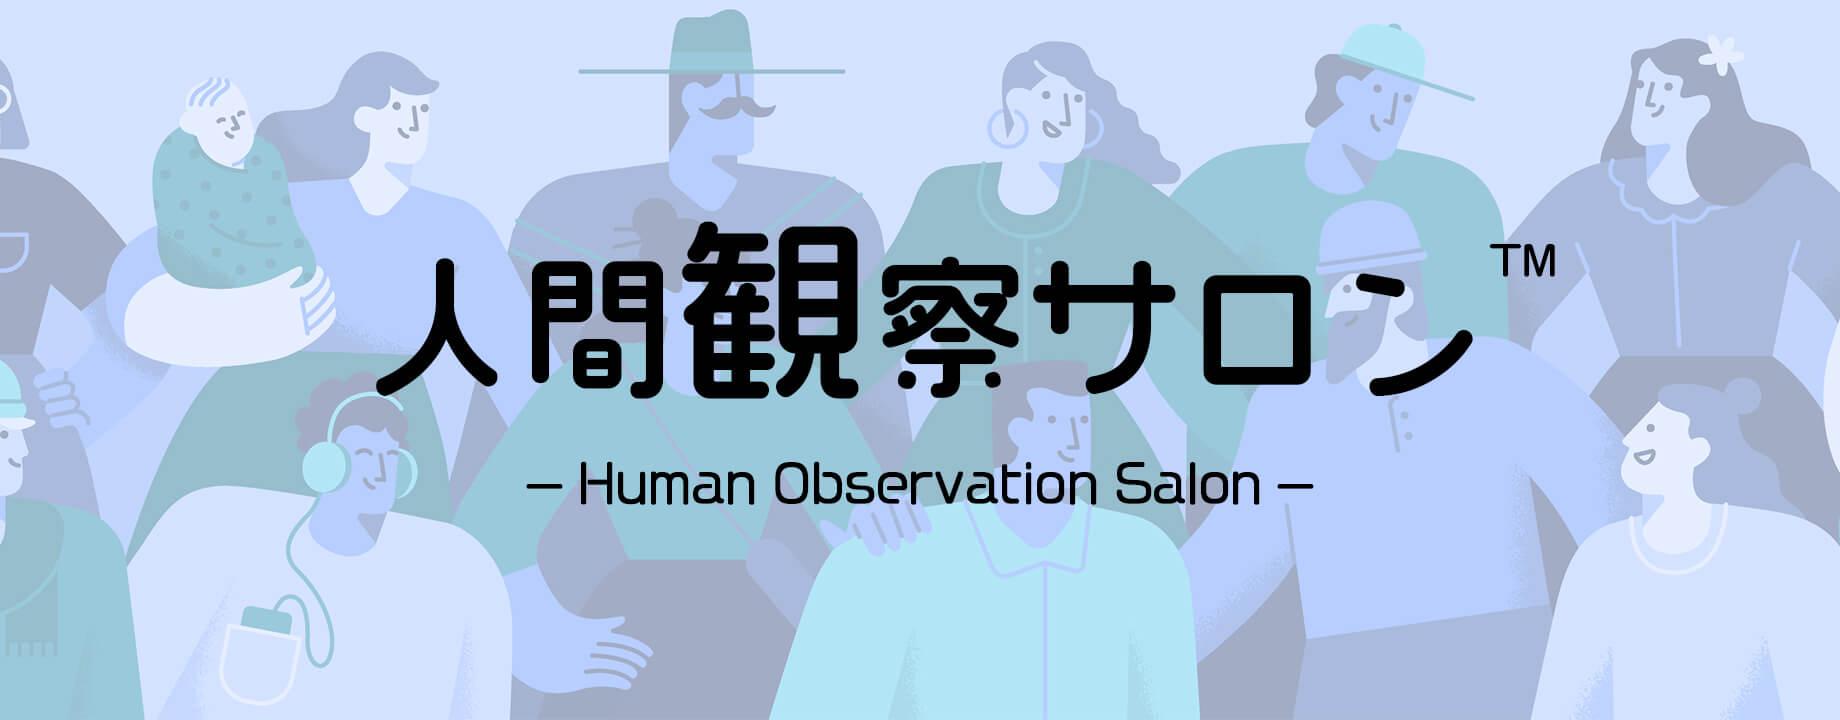 人間観察サロン™